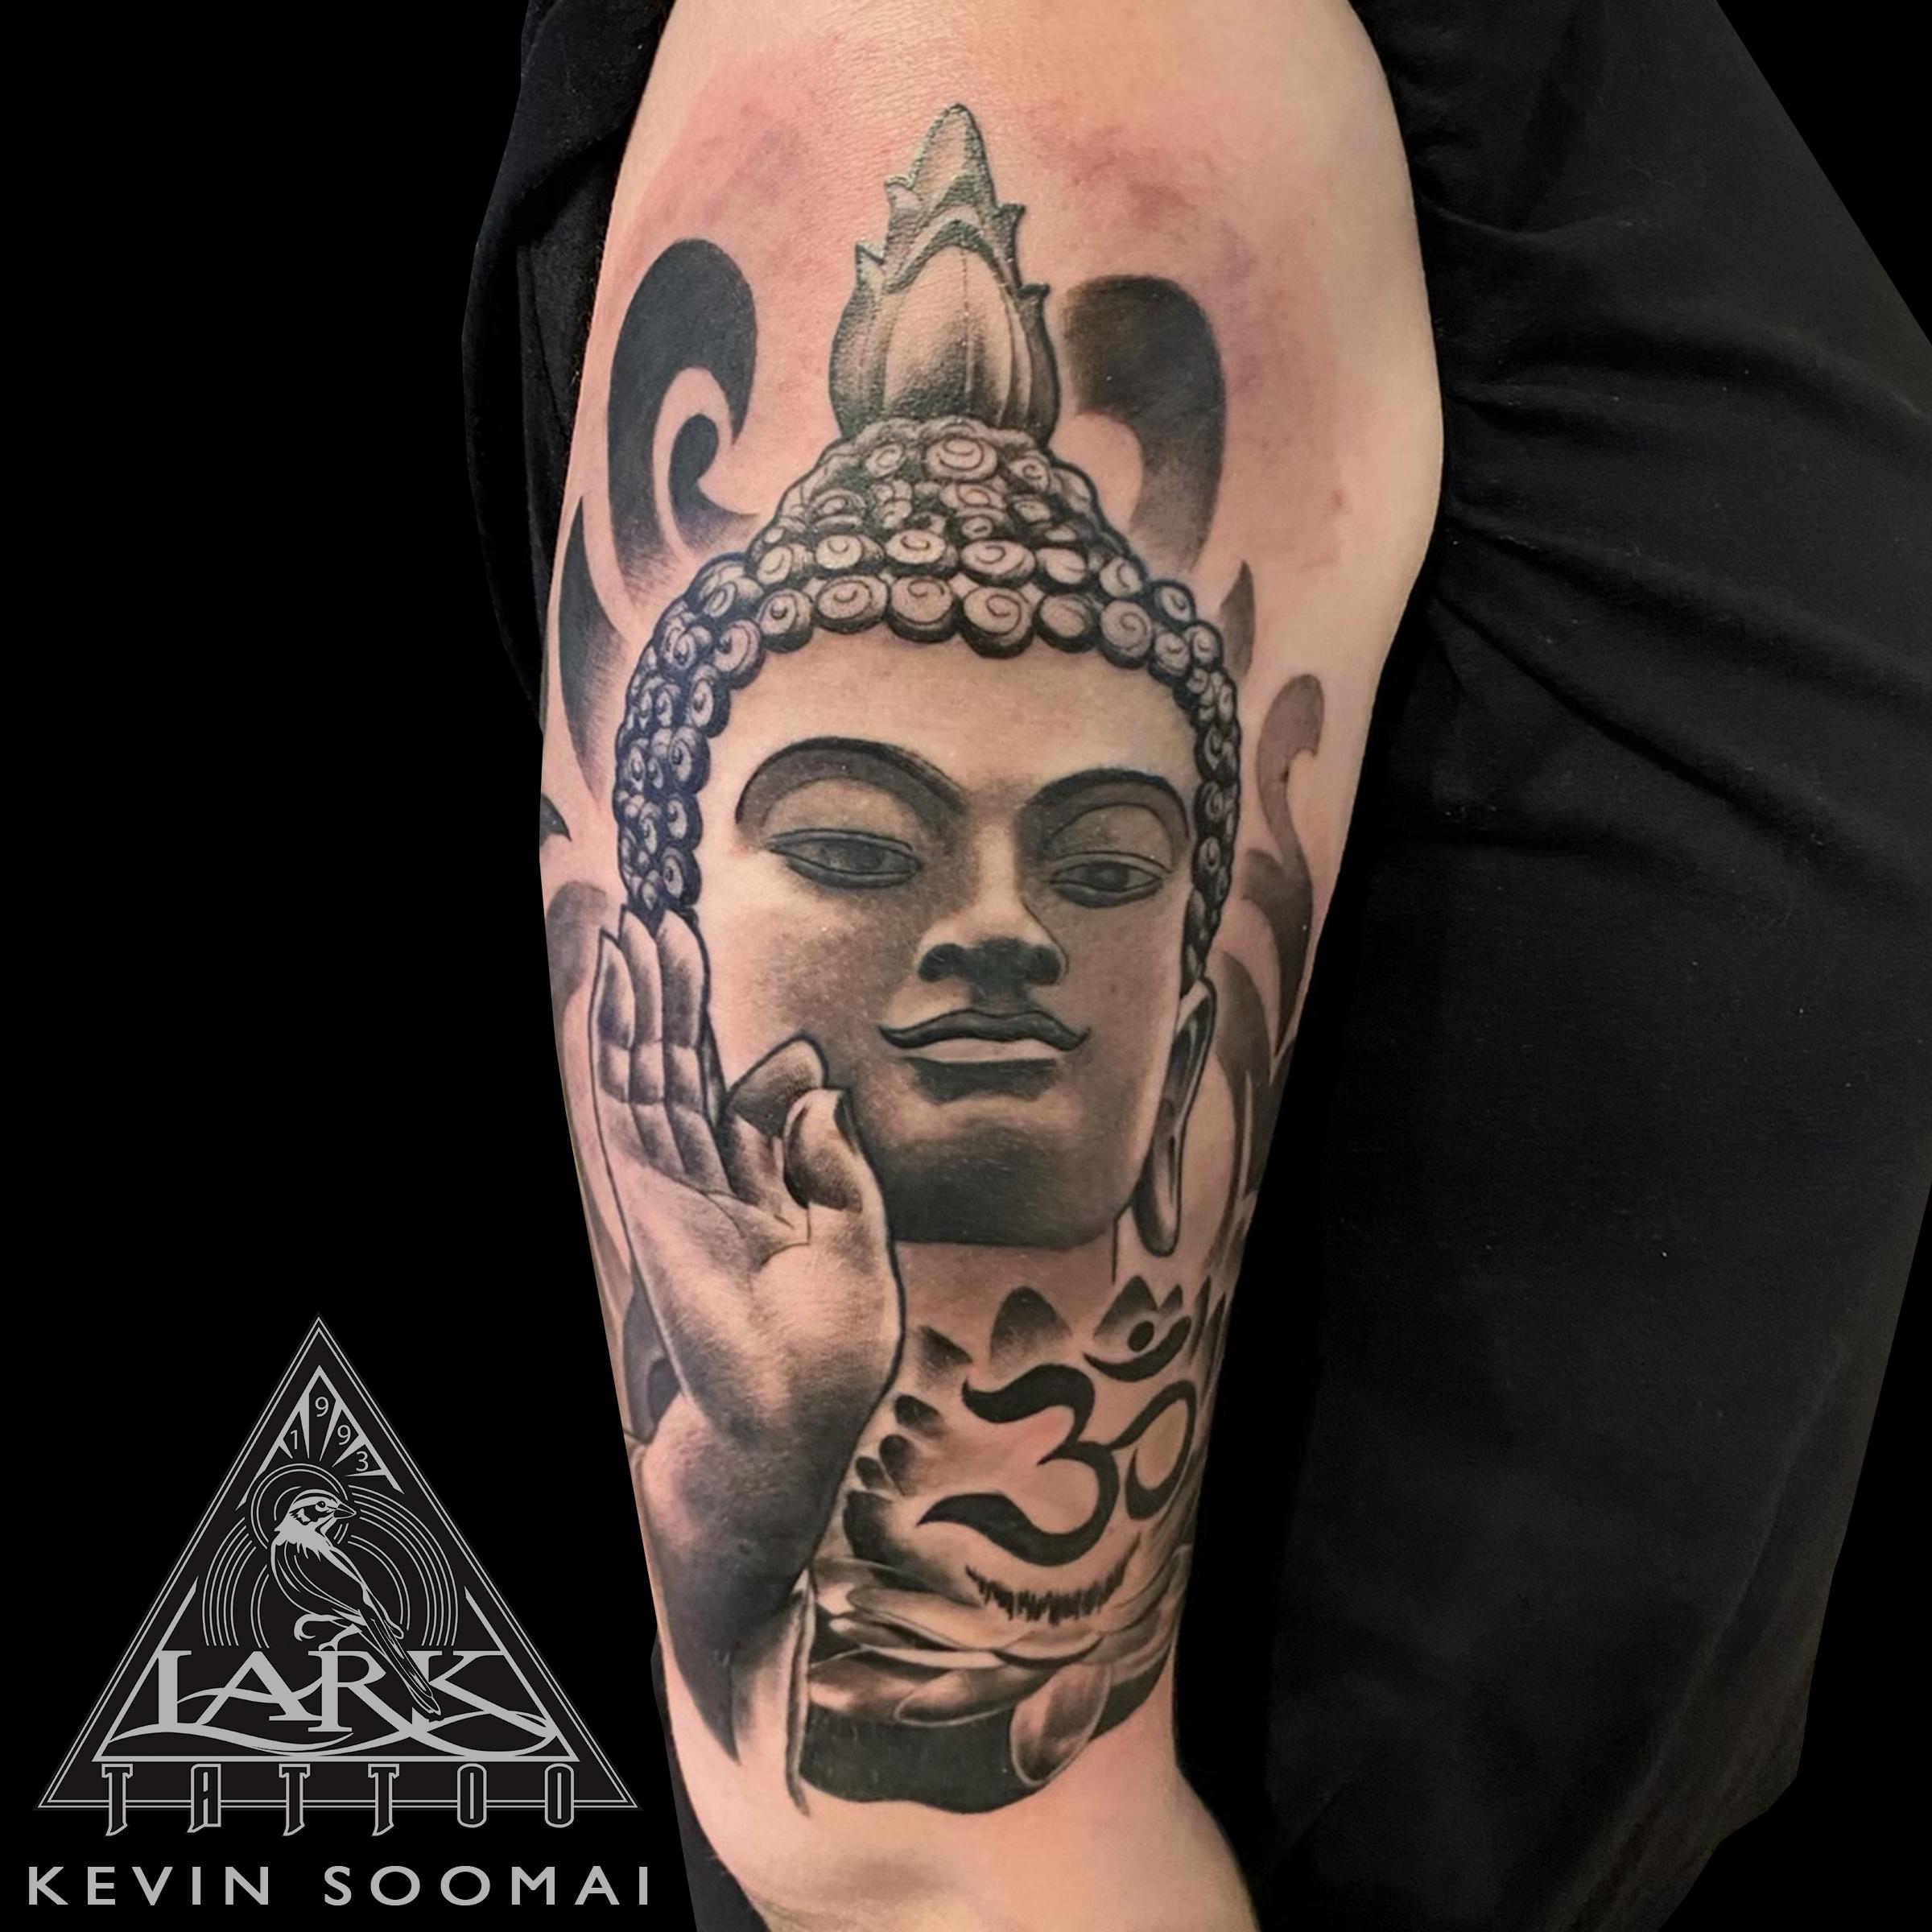 LarkTattoo, KevinSoomai, KevinSoomaiLarkTattoo, Tattoo, Tattoos, Siddhartha, SiddharthaTattoo, Siddharth, SiddharthTattoo, Buddhism, BuddhismTattoo, Gautamabuddha, GautamabuddhaTattoo, Zen, ZenTattoo, Om, OmTattoo, Lotus, LotusTattoo, BlackAndGray, BlackAndGrayTattoo, BlackAndGrey, BlackAndGreyTattoo, HalfSleeve, HalfSleeveTattoo , BNG, BNGTattoo, BNGInkSociety, TattooArtist, Tattoist, Tattooer, LongIslandTattooArtist, LongIslandTattooer, LongIslandTattoo, TattooOfTheDay, Tat, Tats, Tatts, Tatted, Inked, Ink, TattooInk, AmazingInk, AmazingTattoo, BodyArt, LarkTattooWestbury, Westbury, LongIsland, NY, NewYork, USA, Art, Tattedup, InkedUp, LarkTattoos